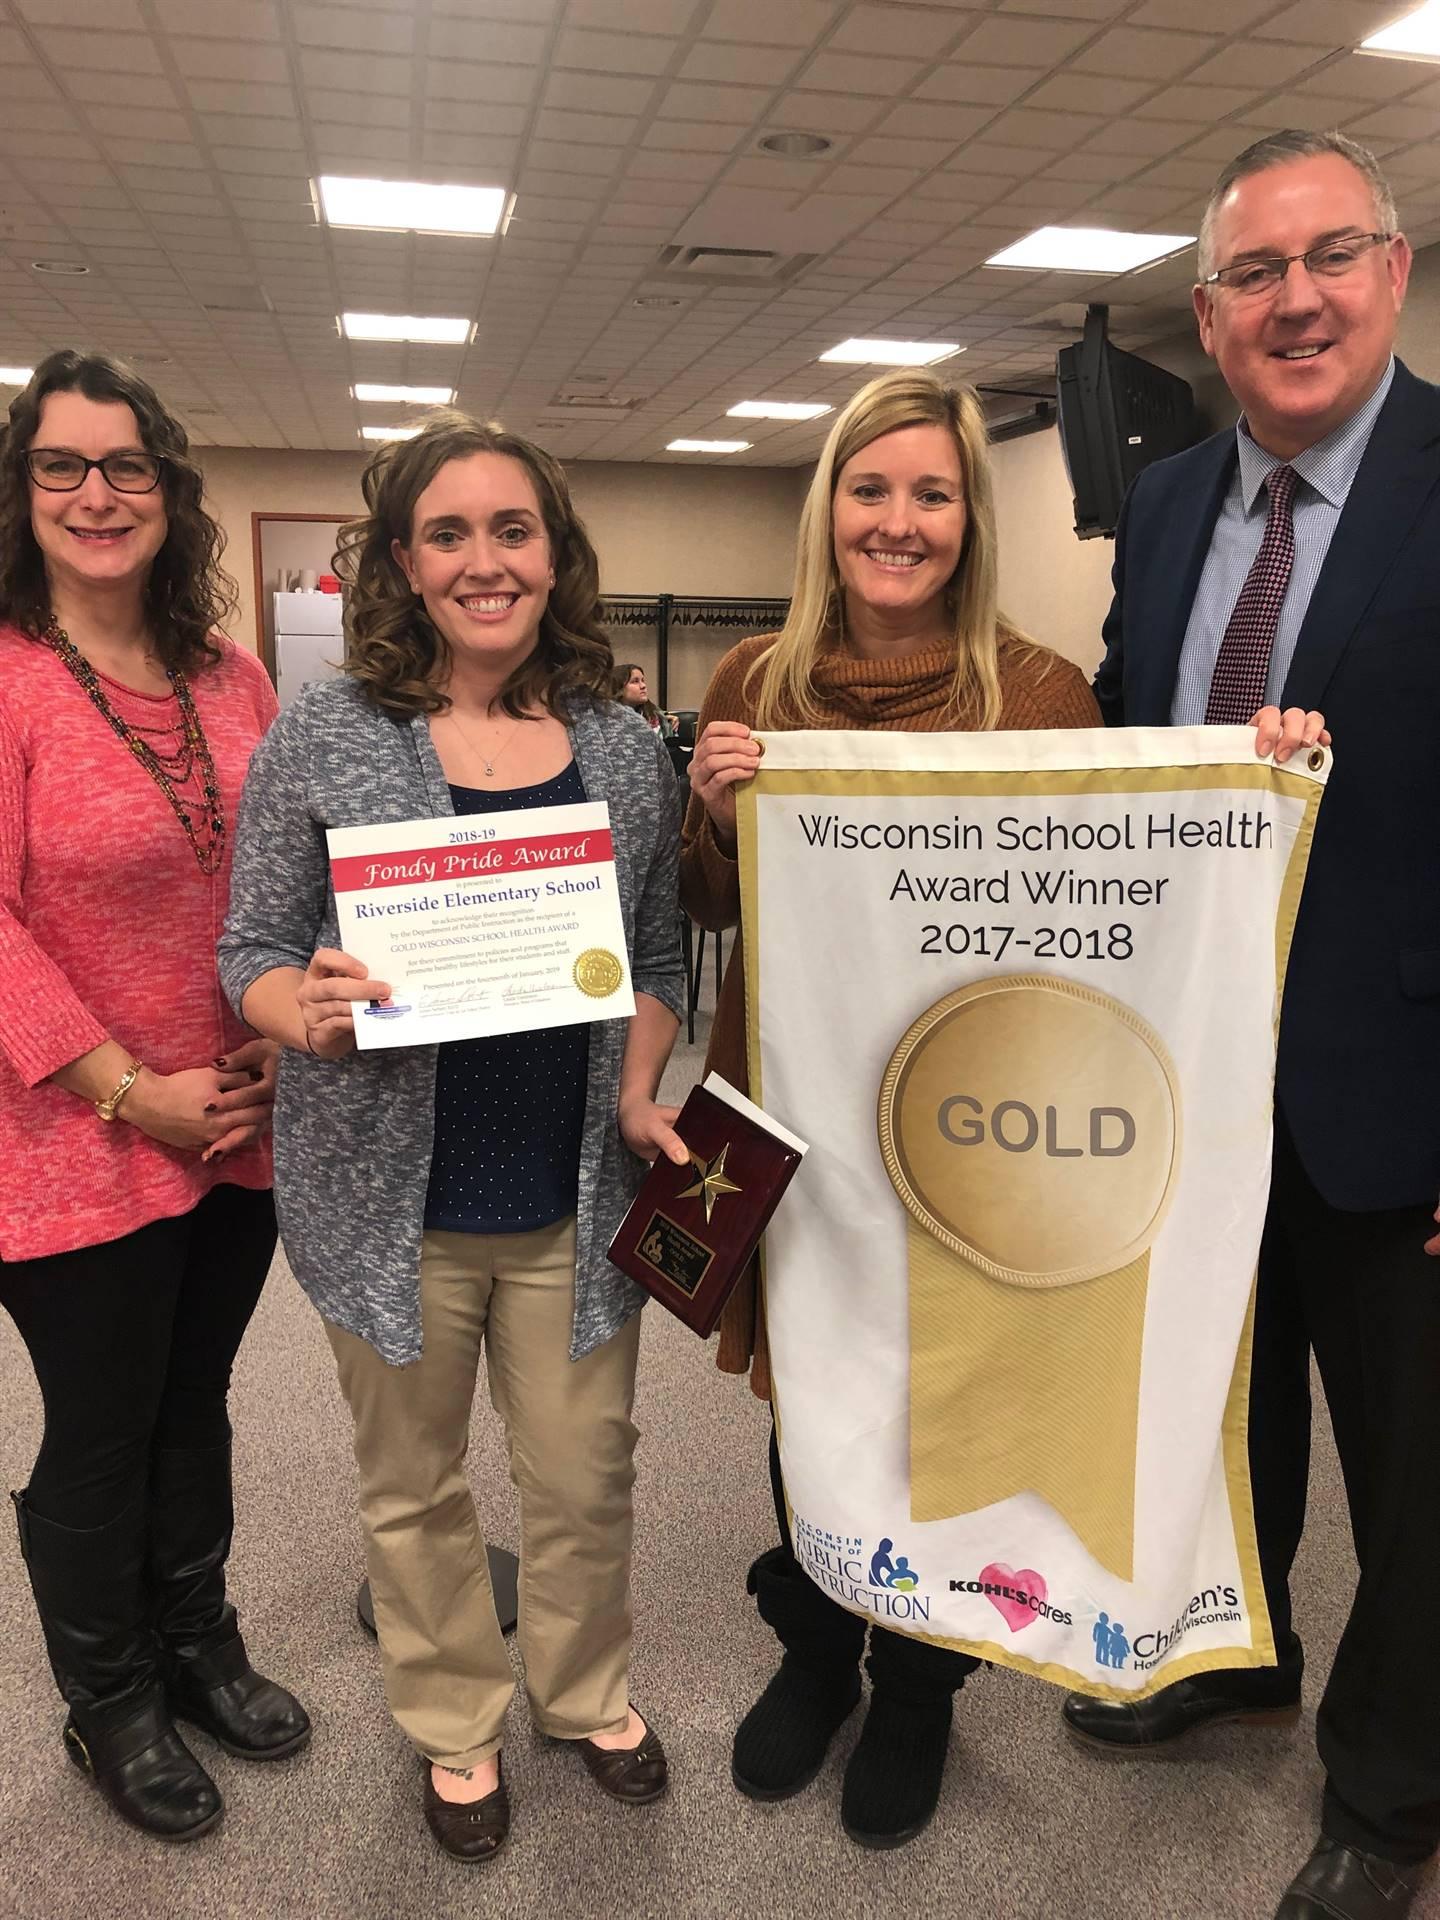 Gold Award - Pride Award received at Board Meeting